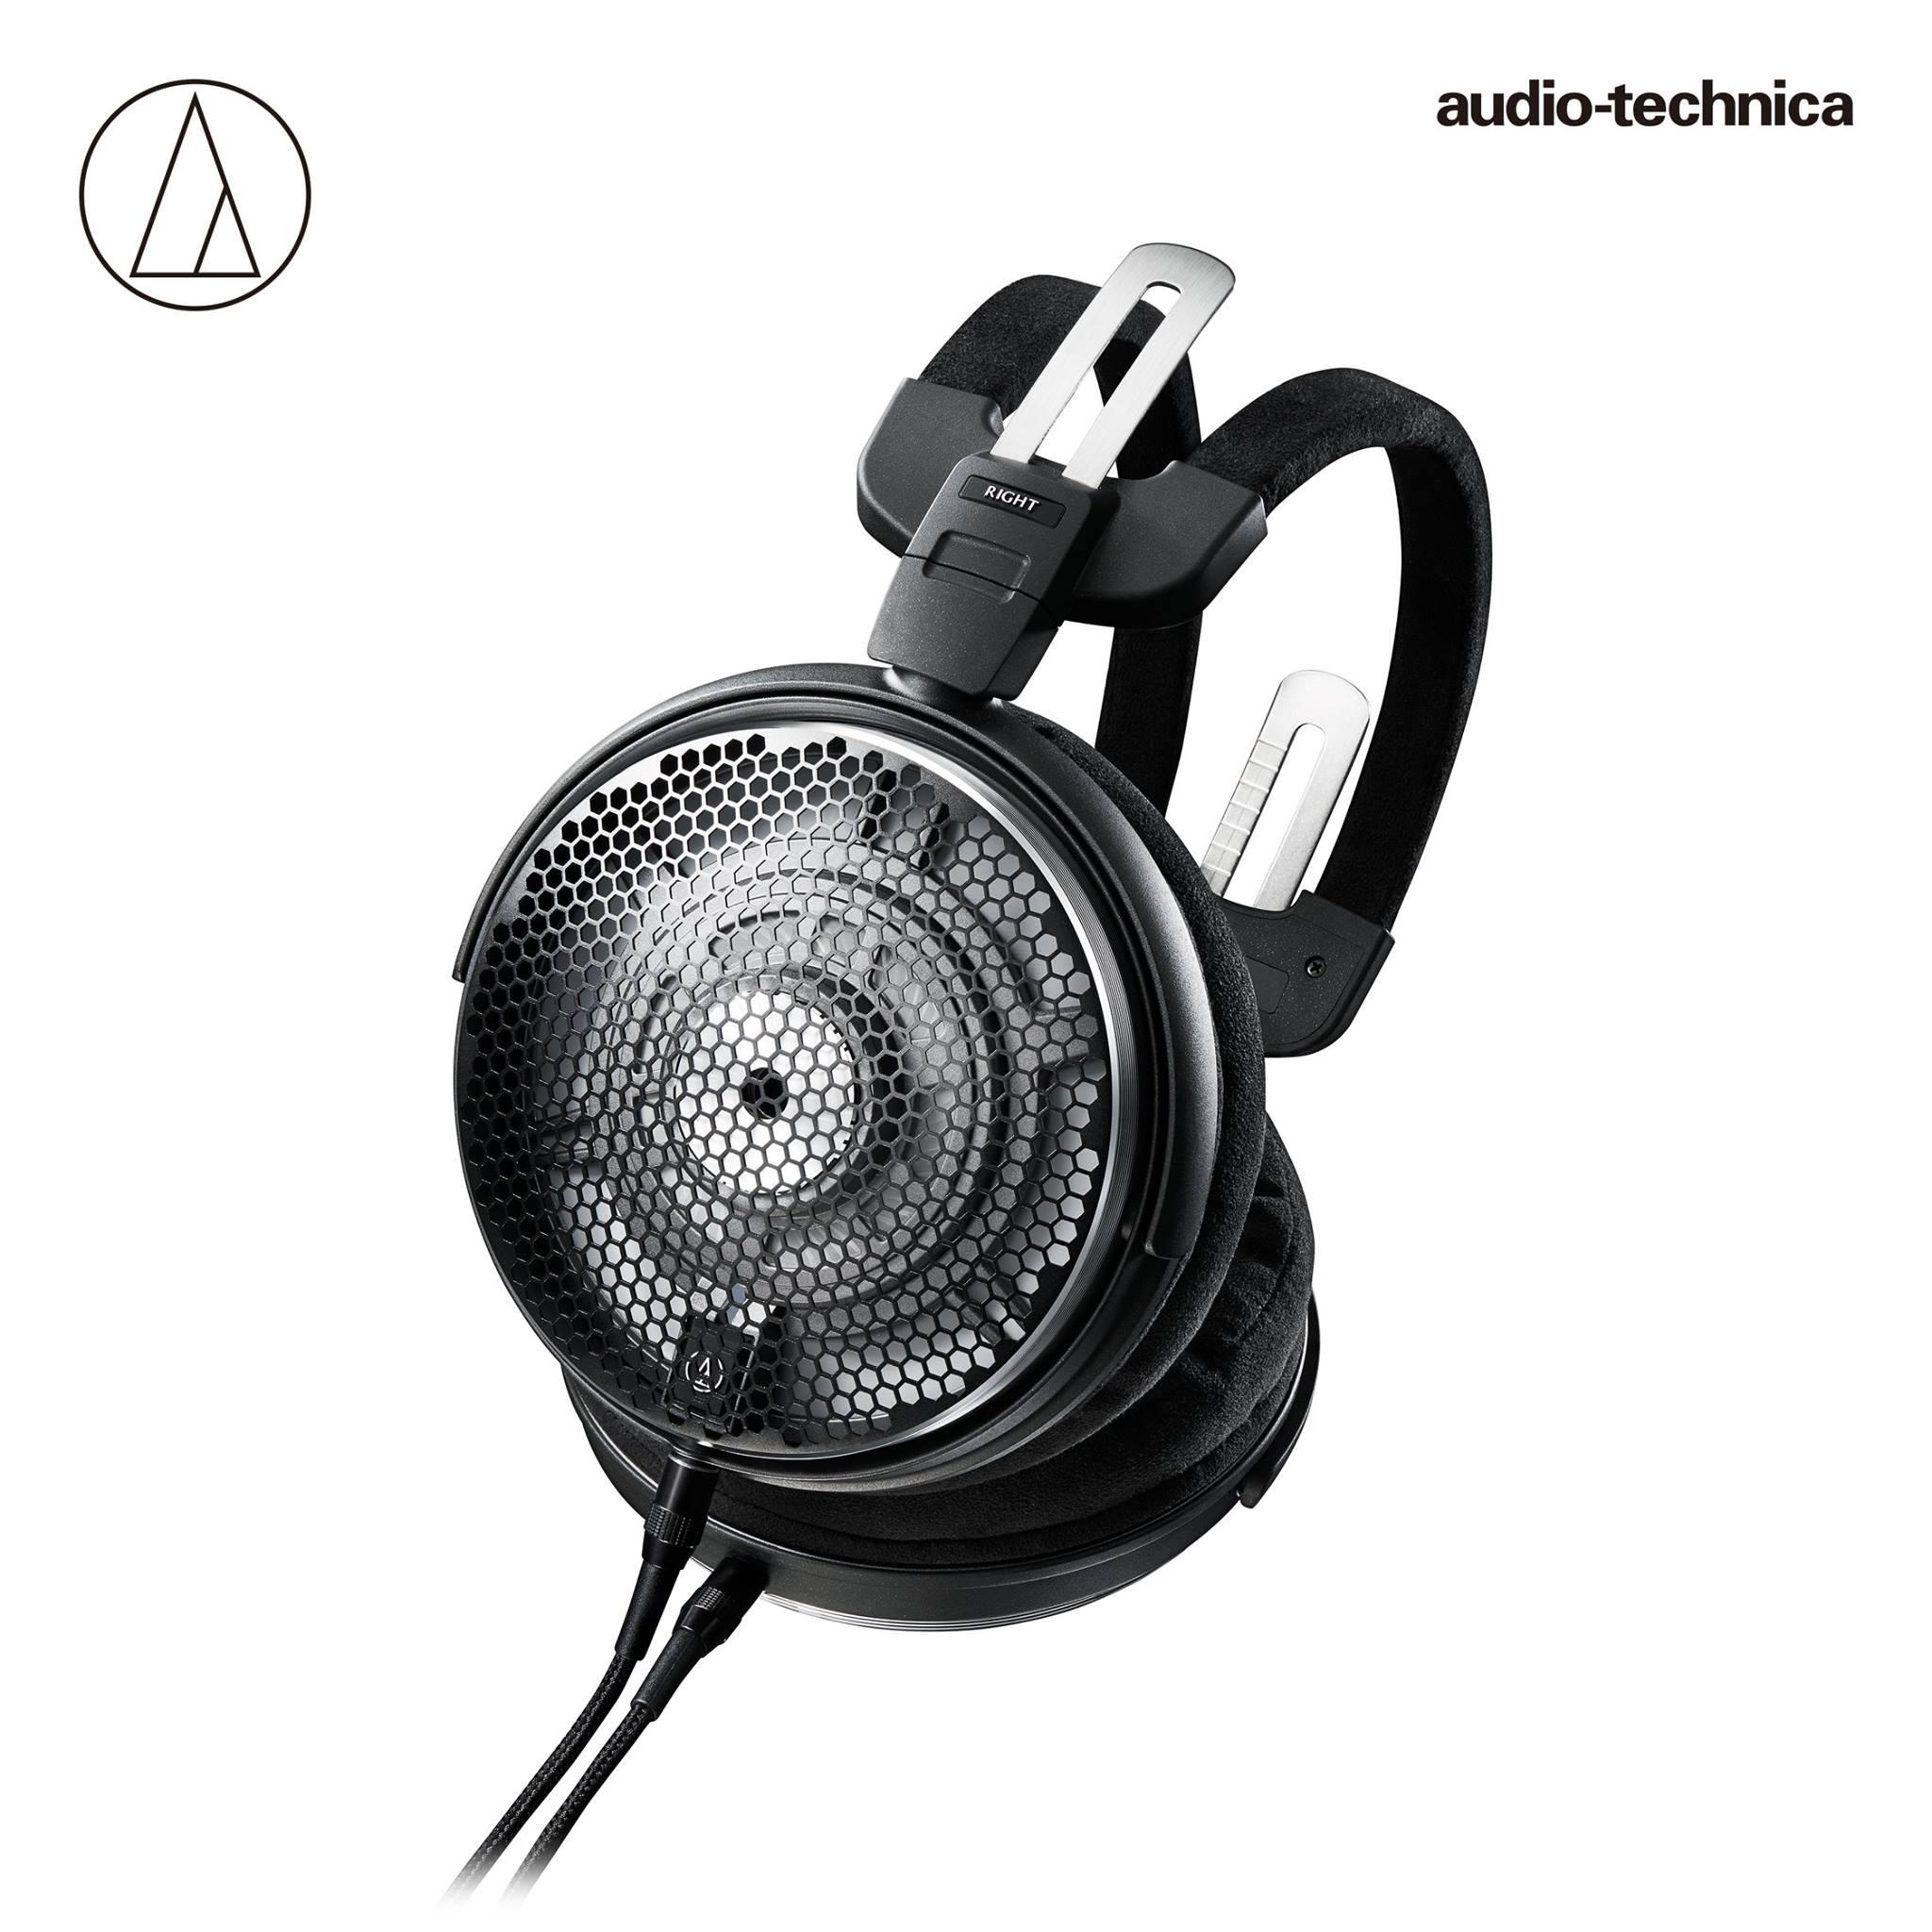 鐵三角在香港 Hi-End AV 展會展示 ATH-ADX5000 開放旗艦耳機與 ATH-MSR7 限定色